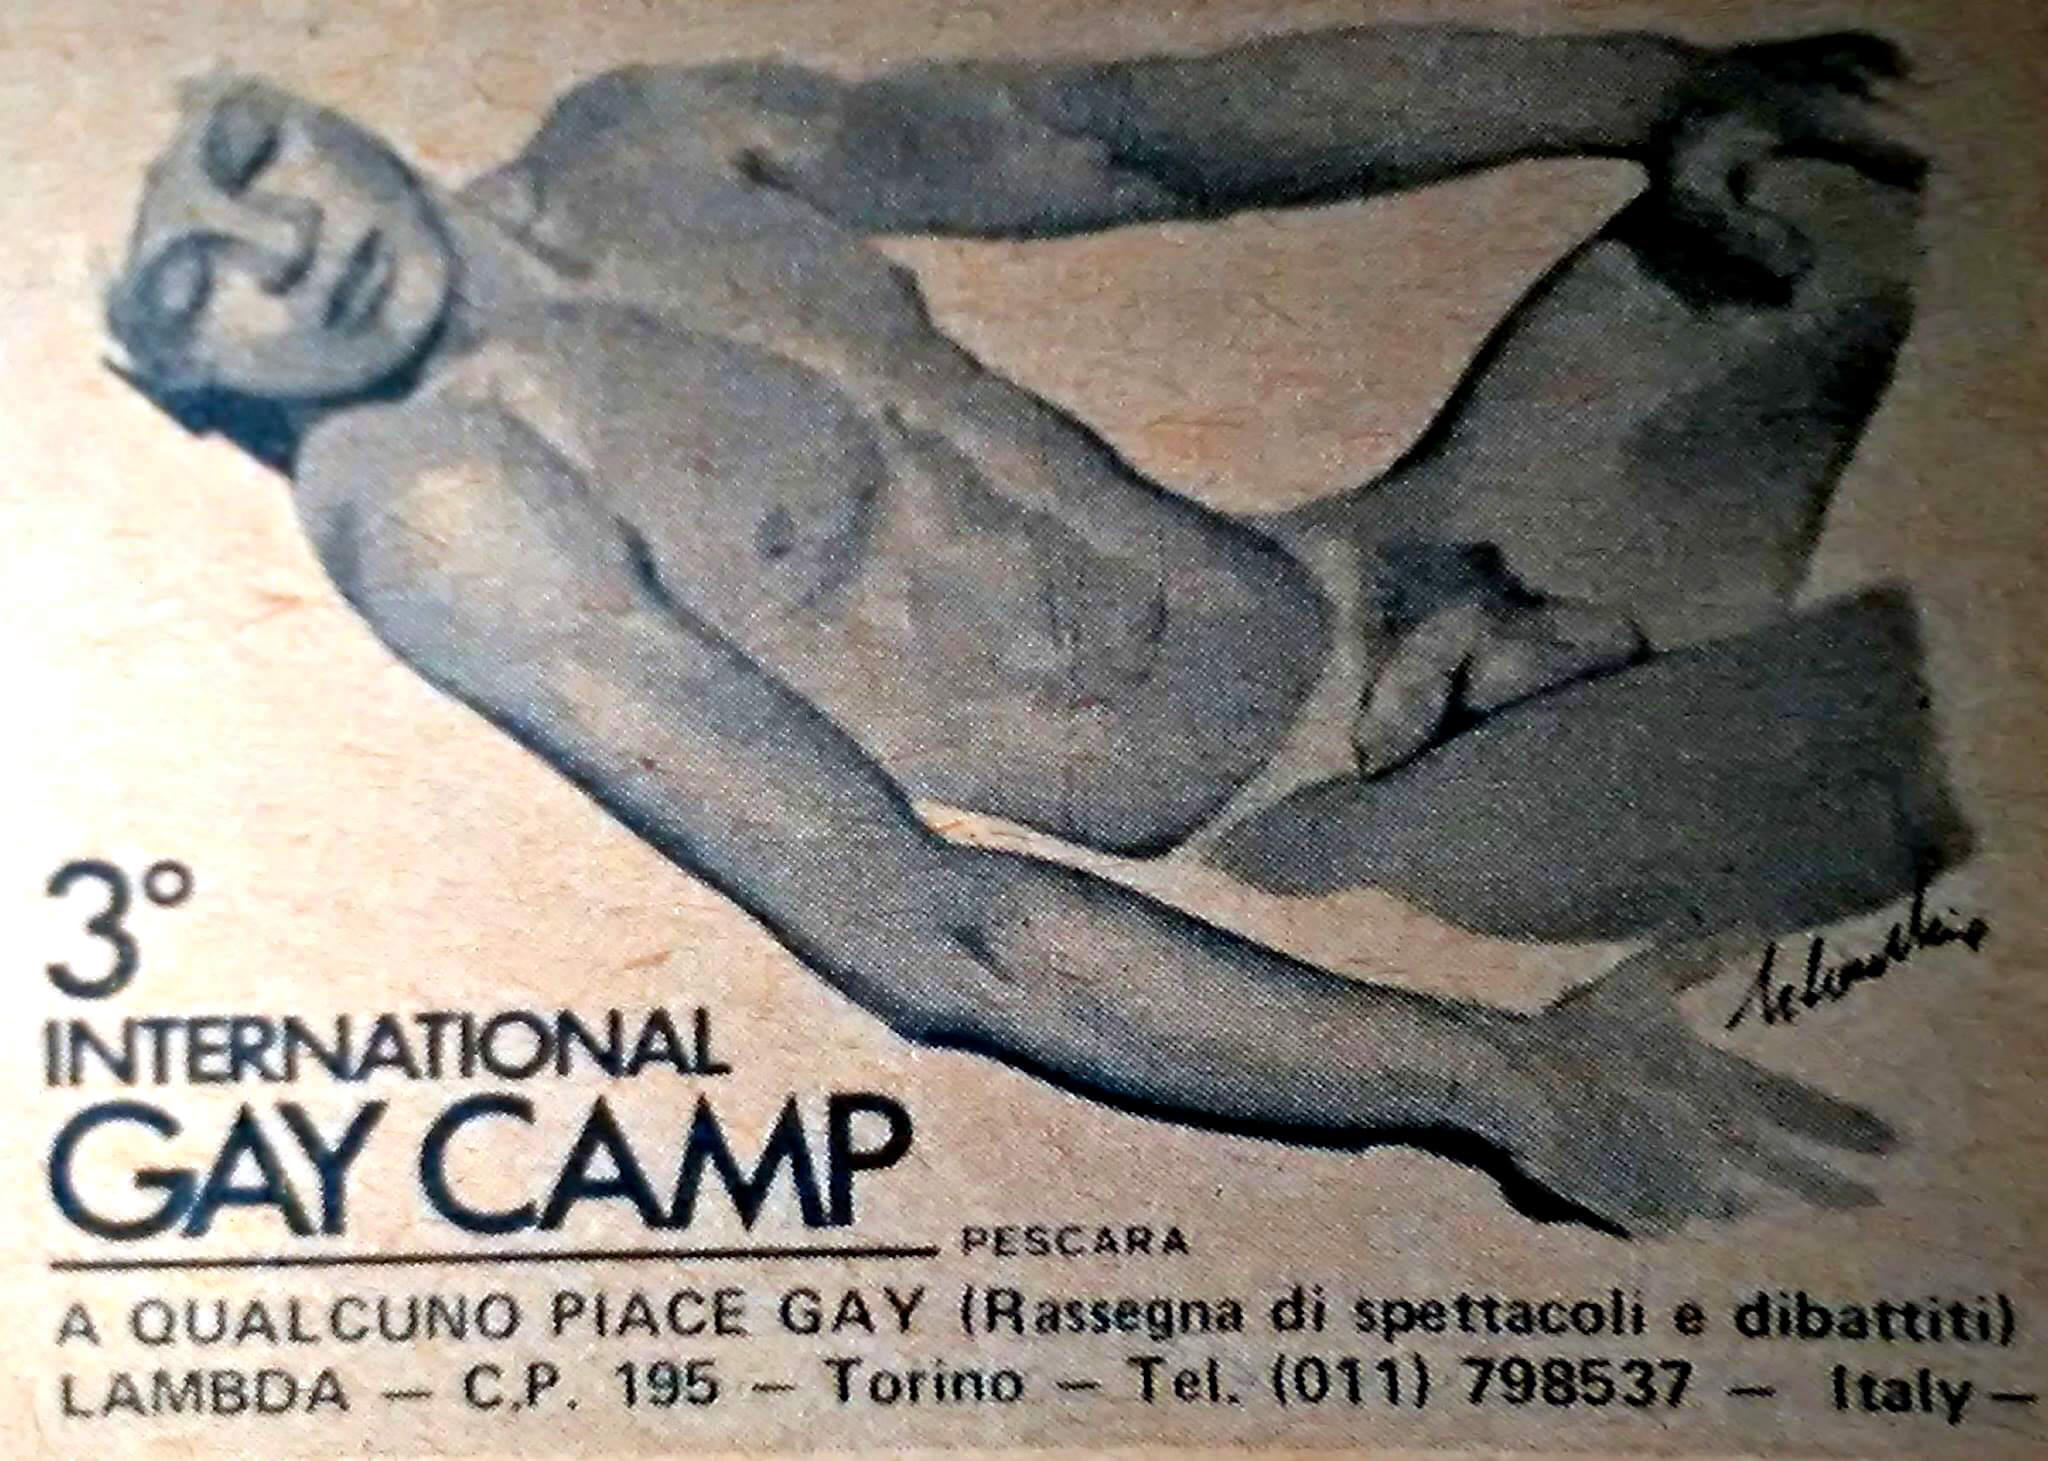 Pubblicità dell'International gay camp di Ortona, 1981.